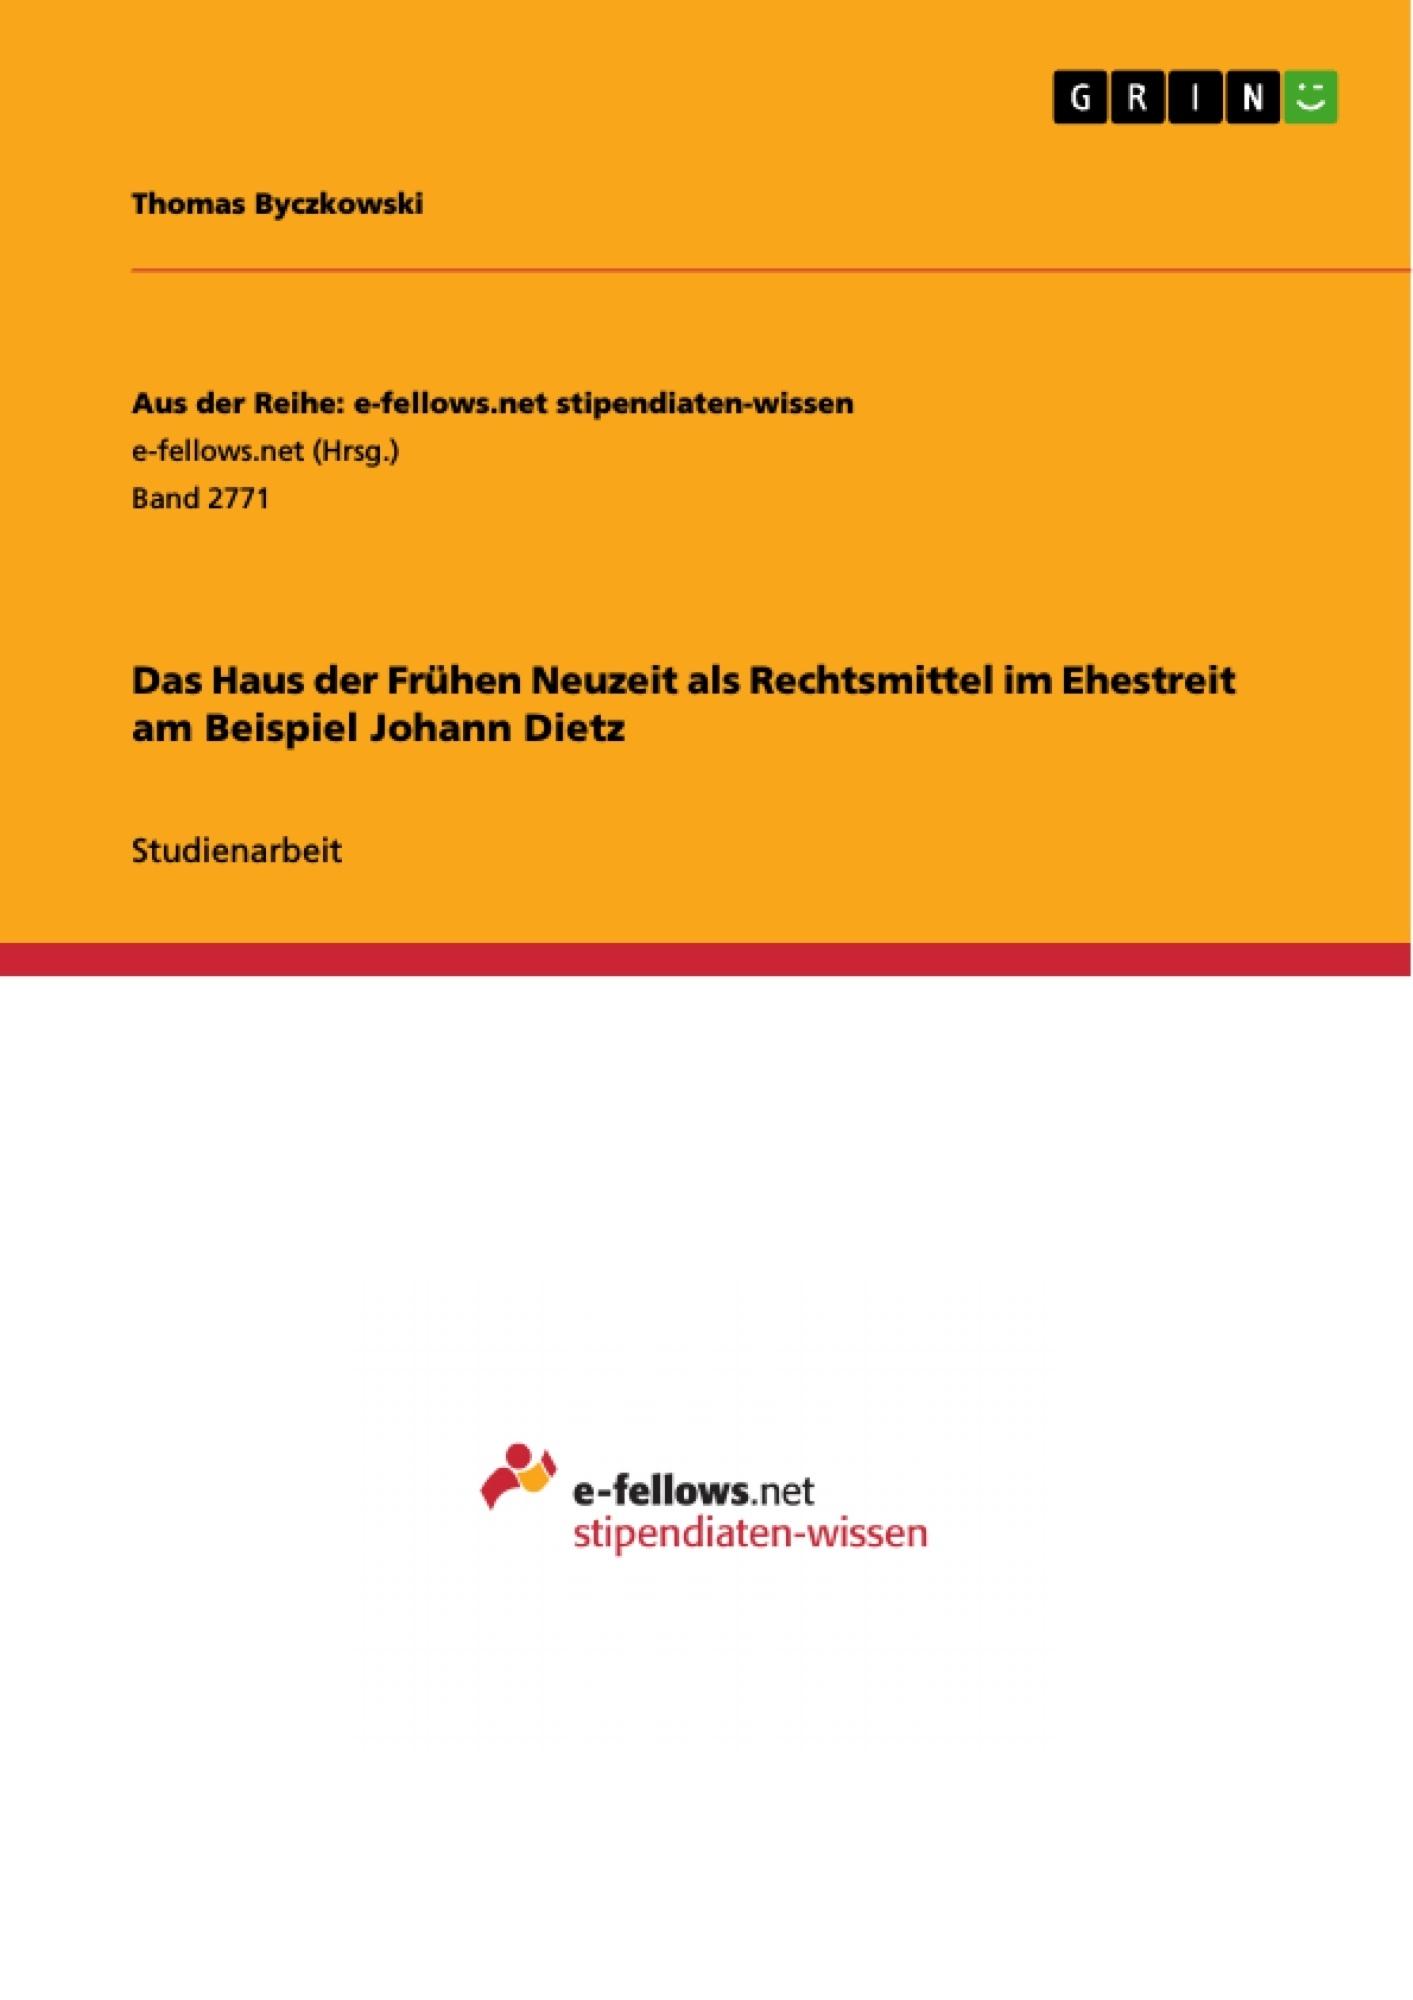 Titel: Das Haus der Frühen Neuzeit als Rechtsmittel im Ehestreit am Beispiel Johann Dietz